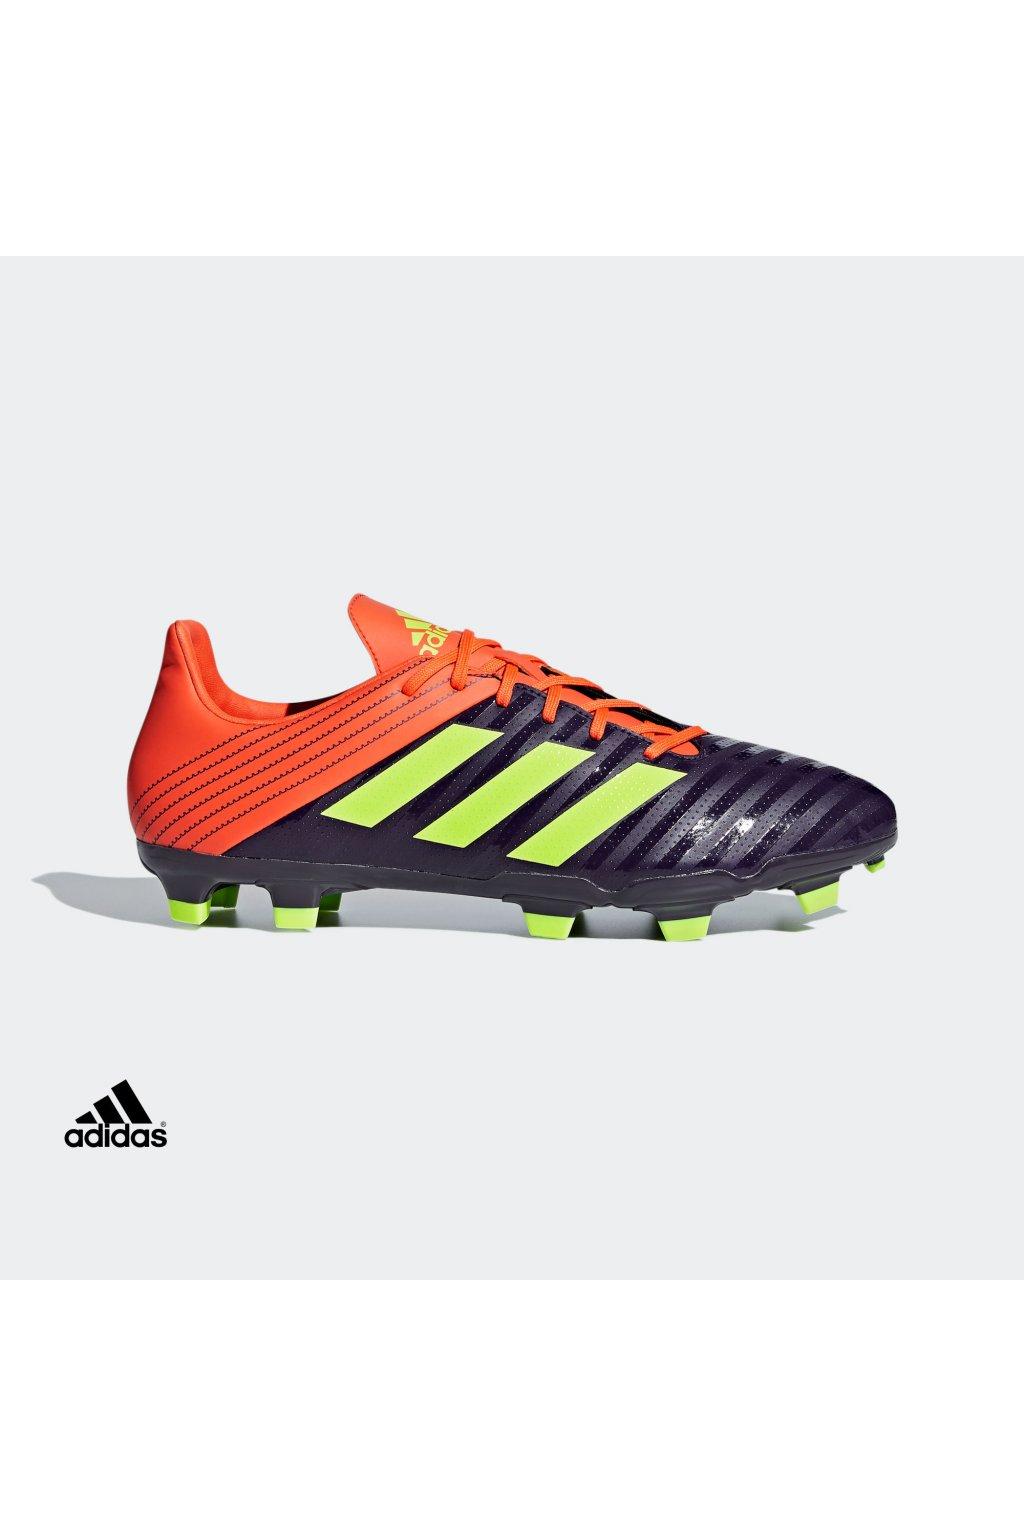 d97920 adidas malice fg (1)